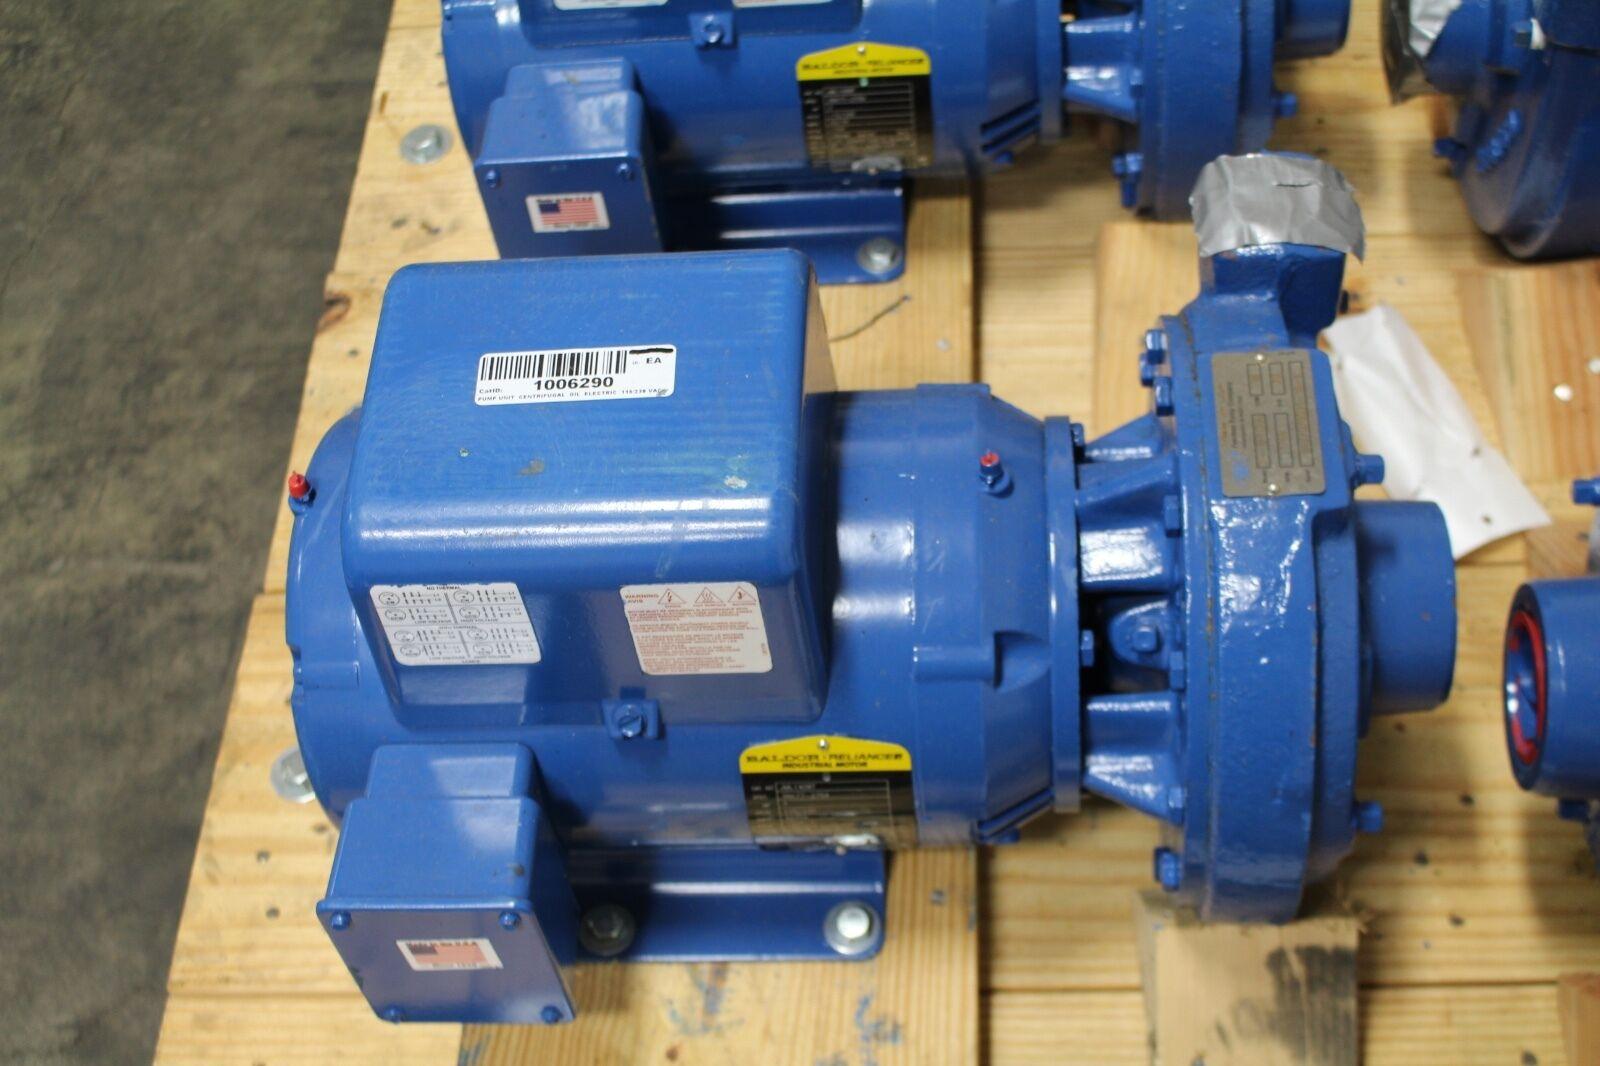 Peerless Pump C-810a 30 GPM 3 HP Centrifugal Pump